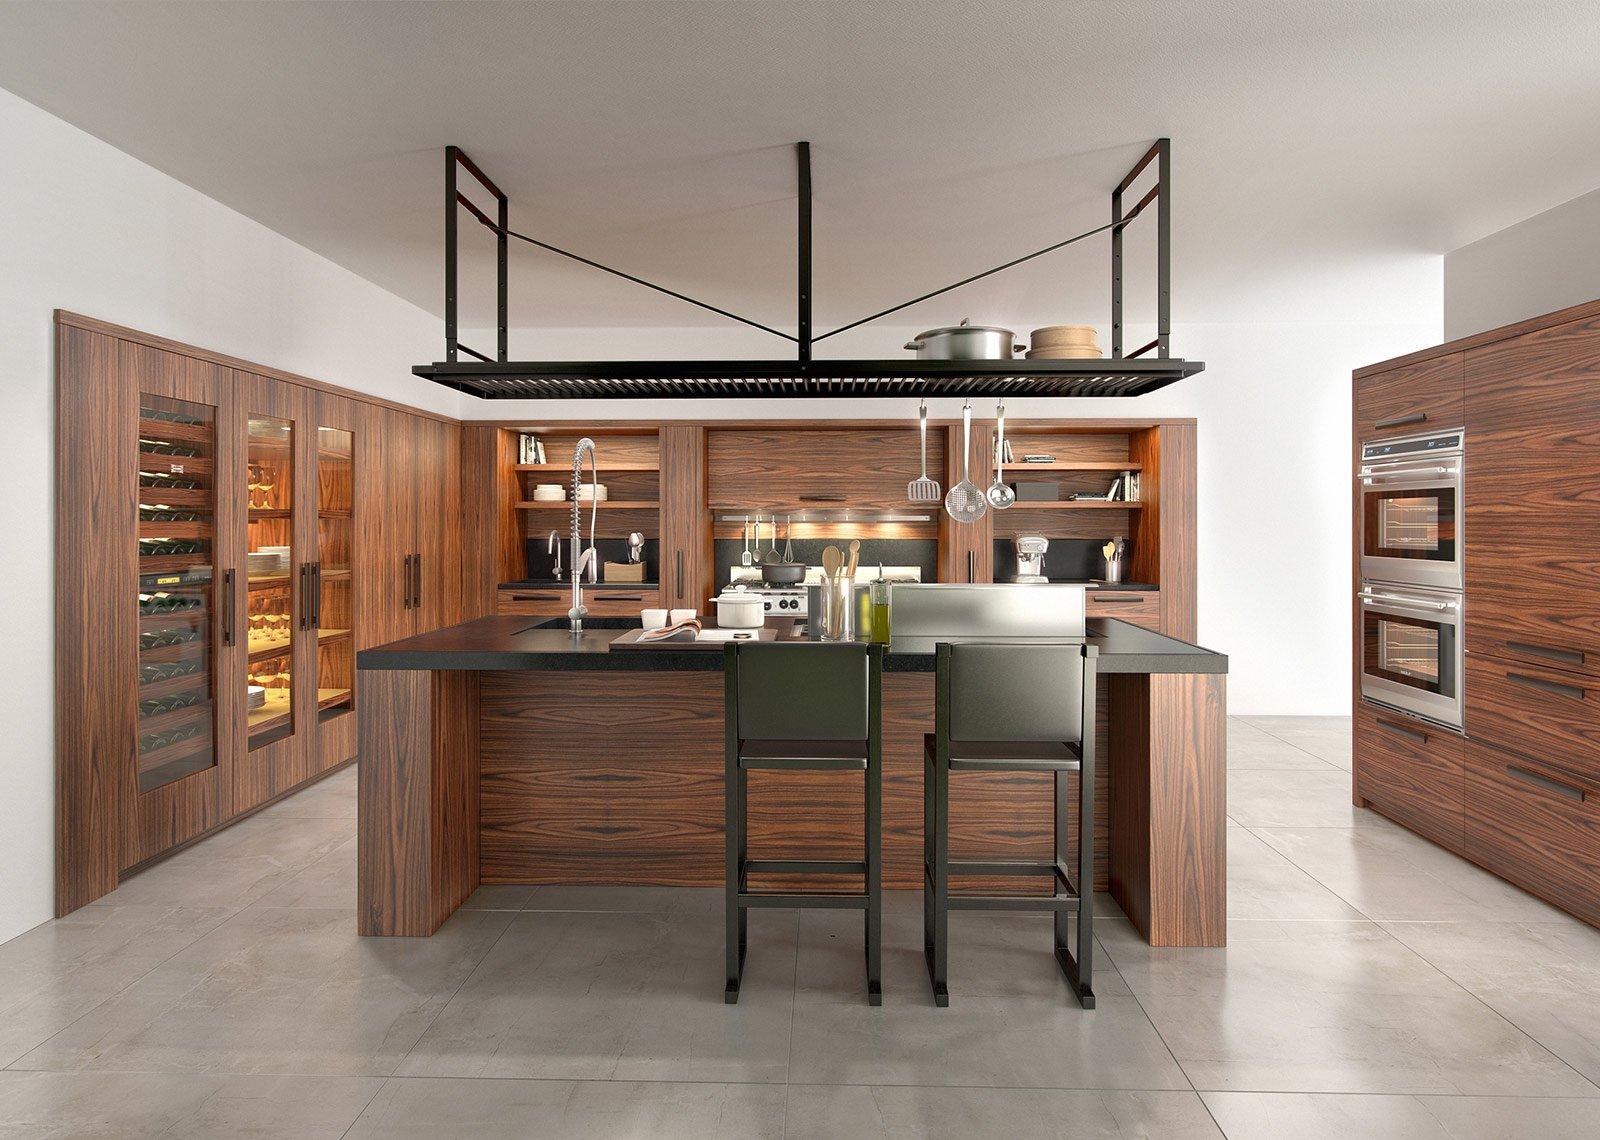 Banco Snack Pratico E Conviviale Cose Di Casa #9D942E 1600 1140 Altezza Del Top Della Cucina